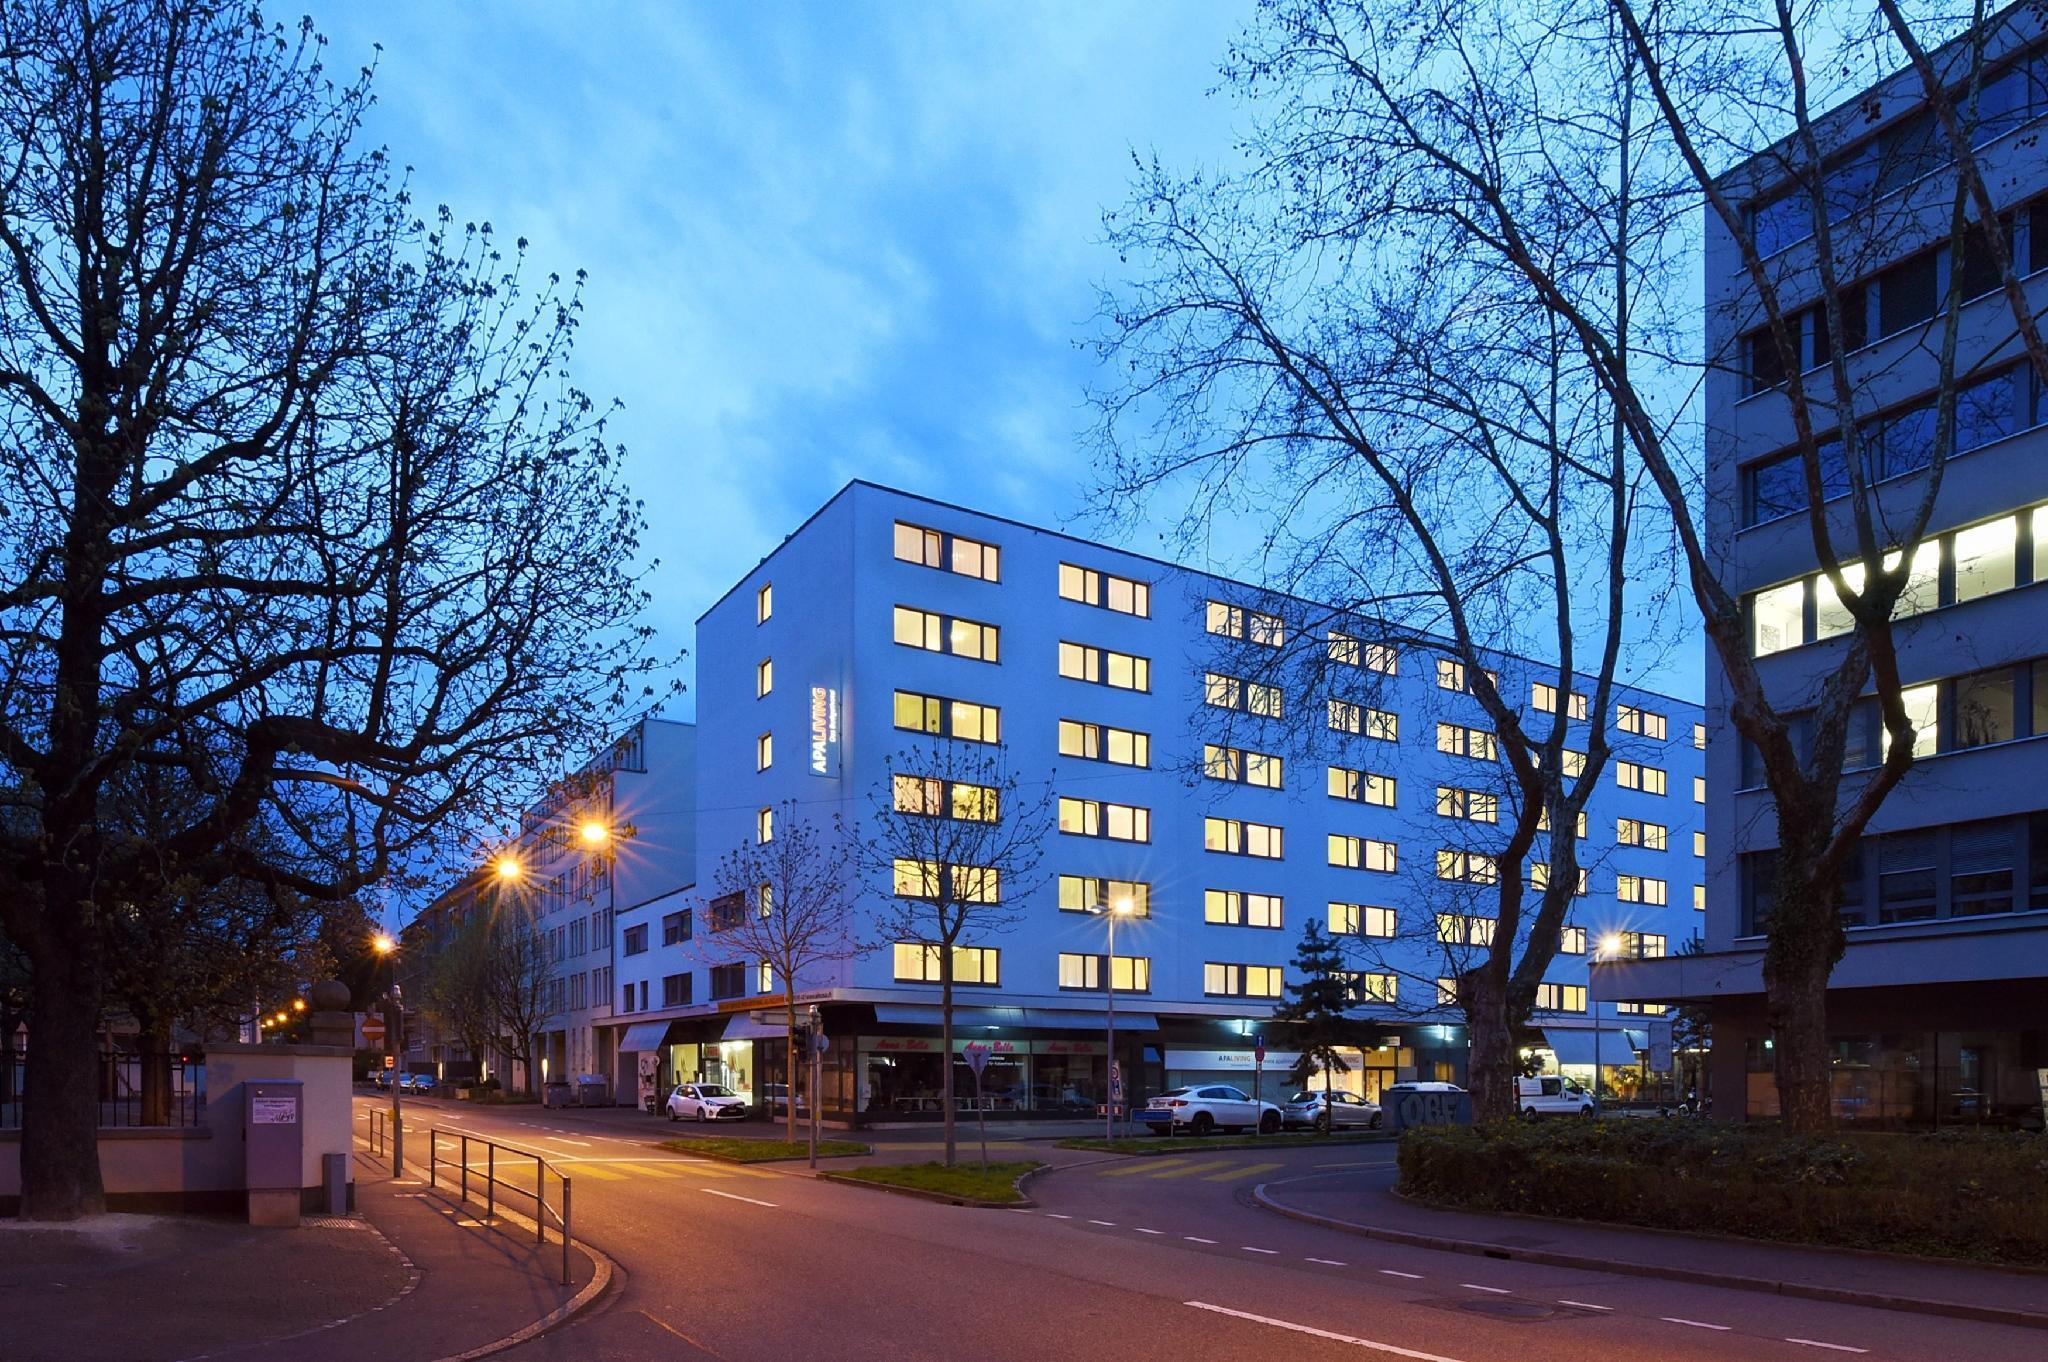 Apaliving   Das Budgethotel